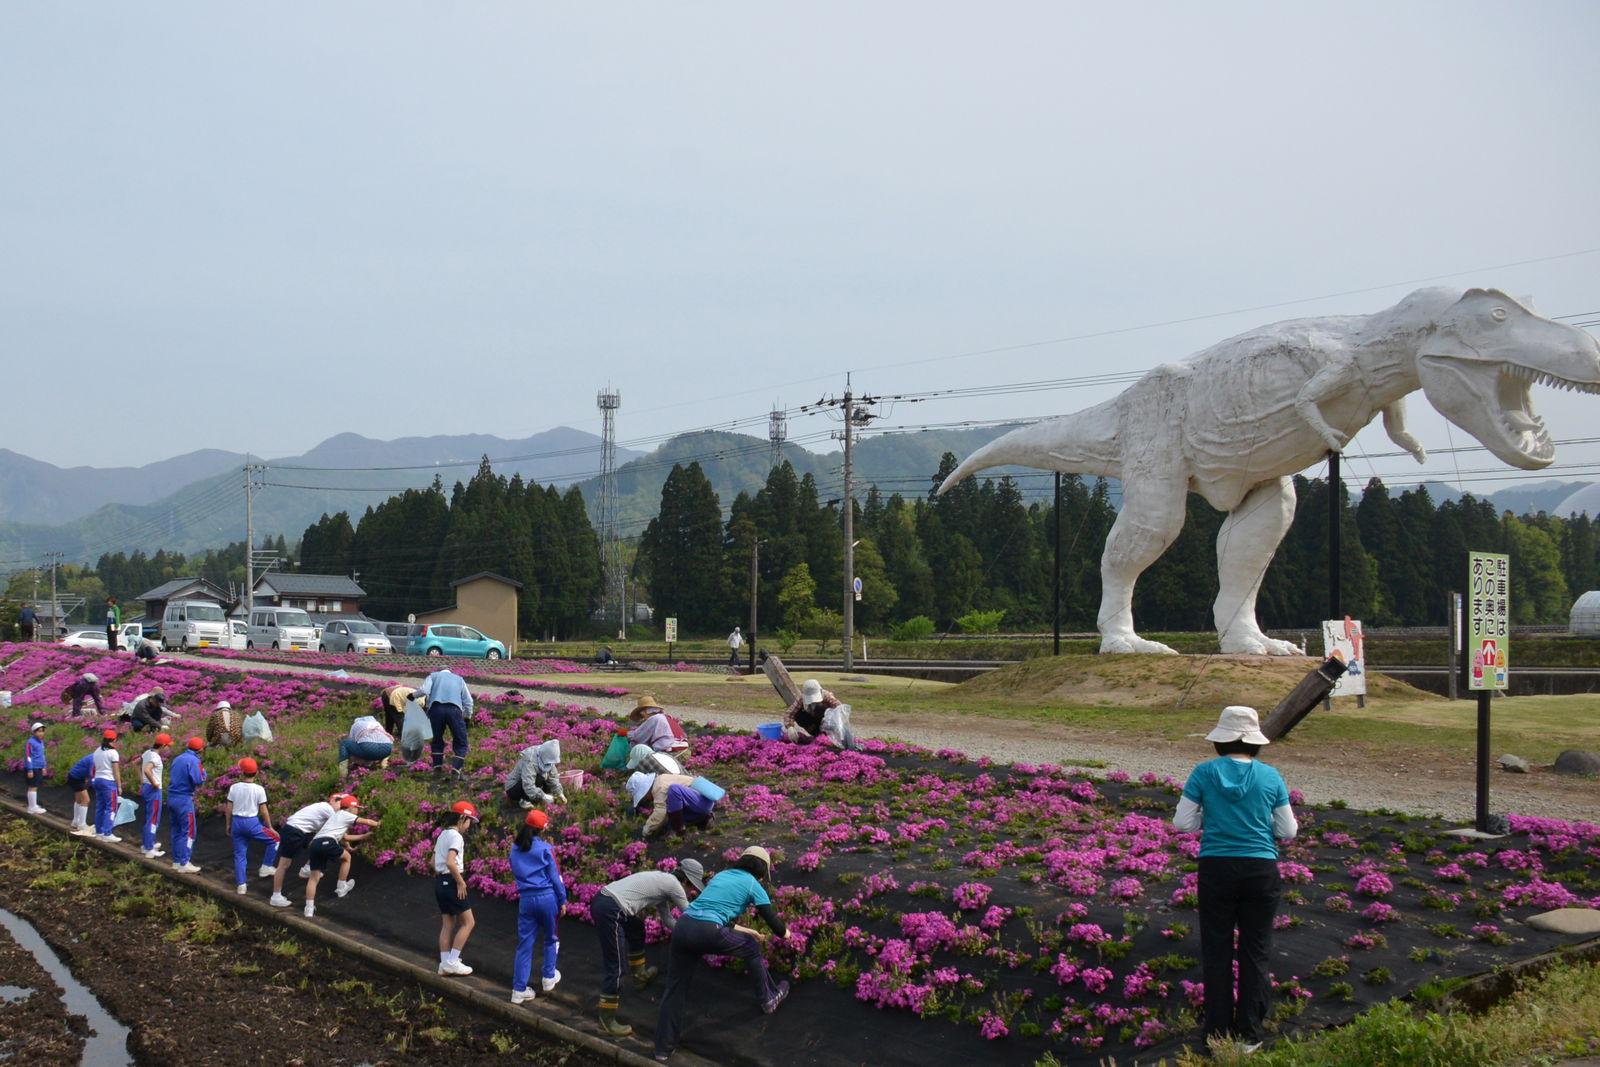 ホワイトザウルスの横に芝桜を植える地元の住民たち。子どもたちにとってはホワイトザウルスが「故郷の風景」です(写真提供: 勝山市)